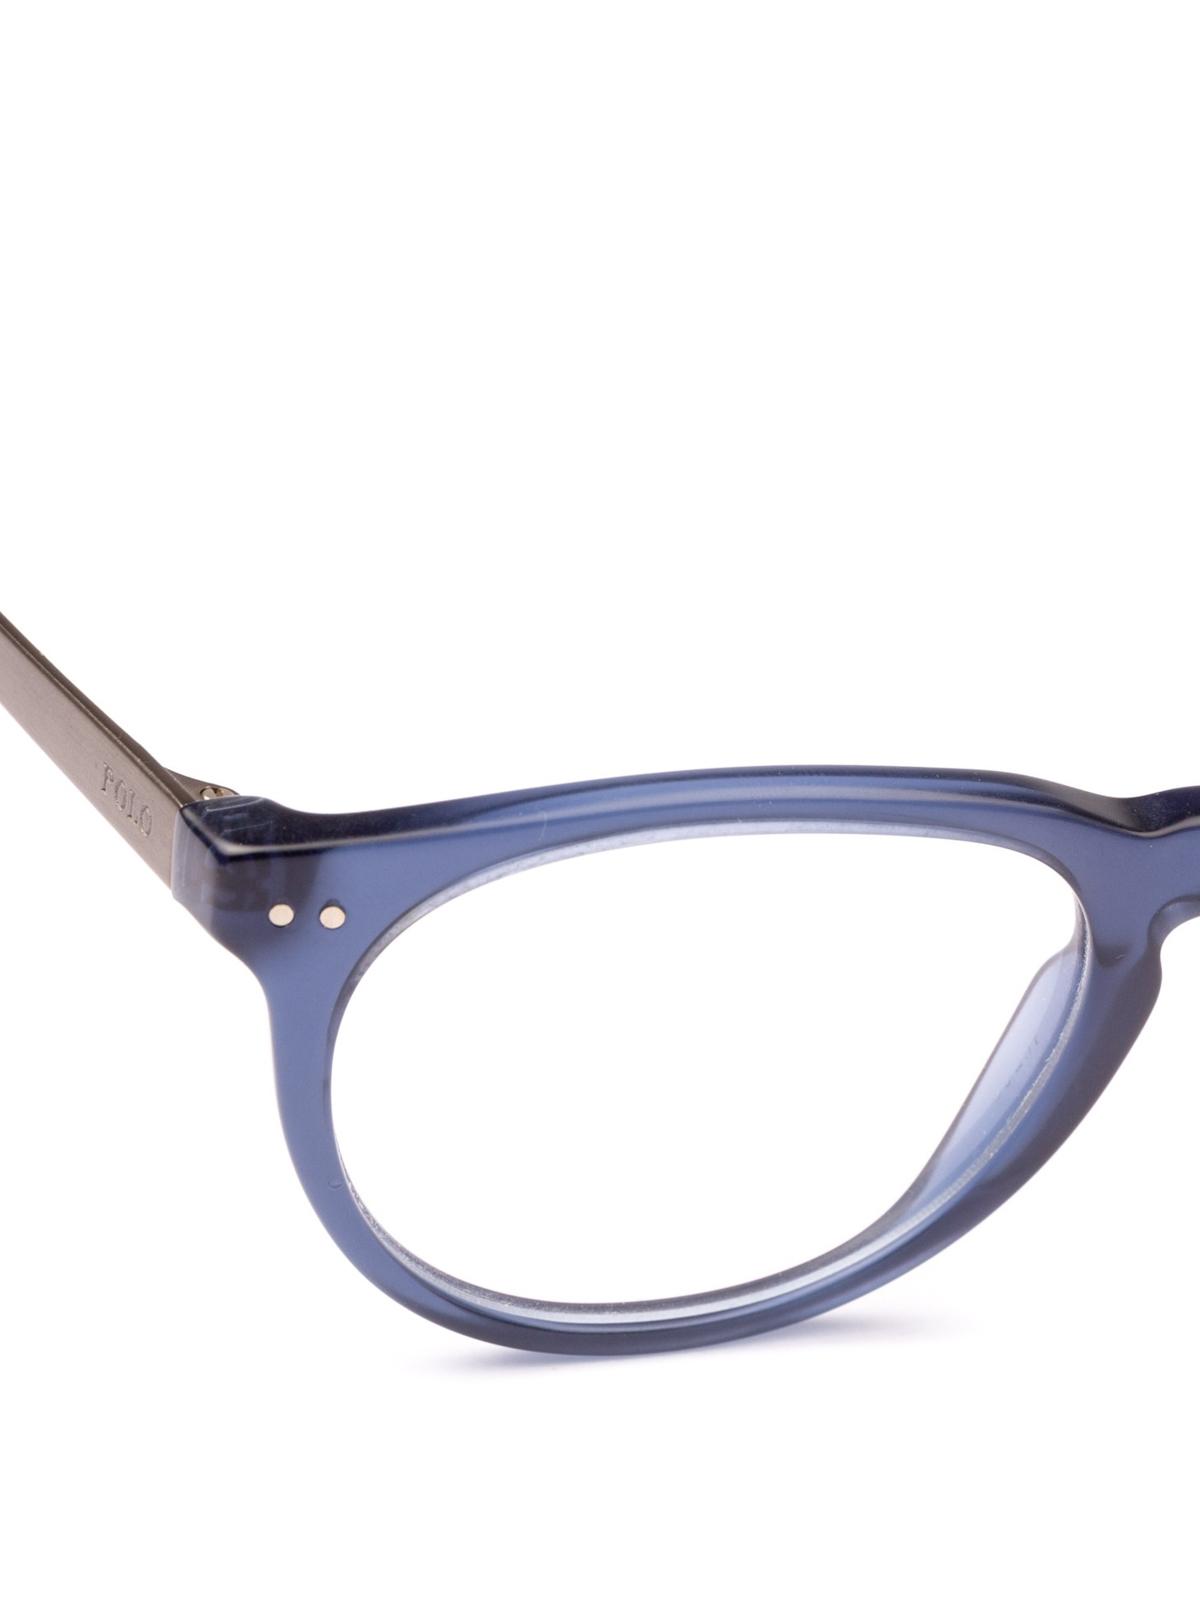 17a0b1e29e3 Blue Ralph Lauren Glasses - Cairns Local Marketing